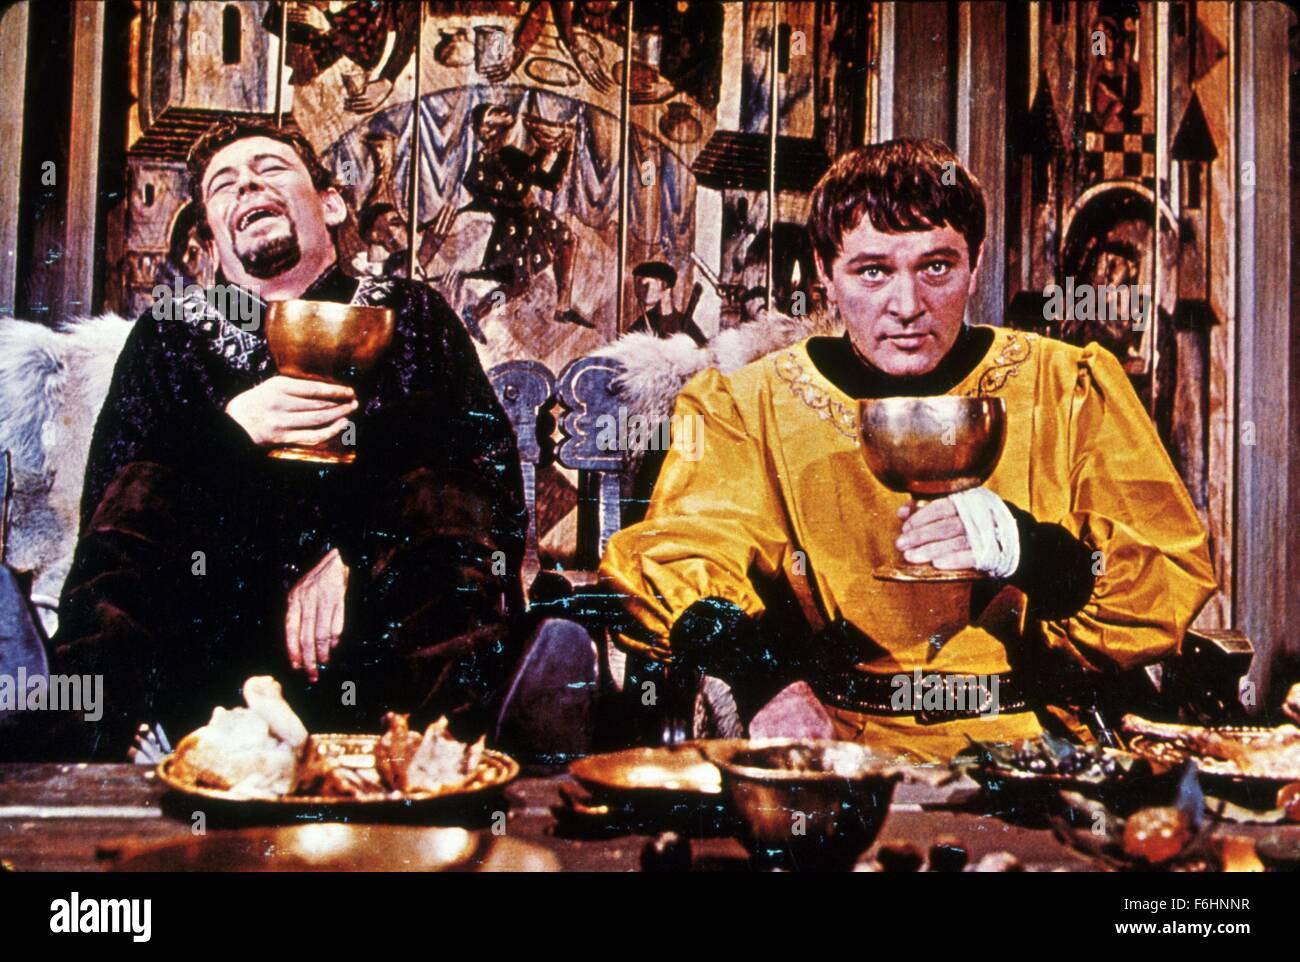 mahtavat hinnat erityinen tarjous yksityiskohtainen ilme 1964, Film Title: BECKET, Director: PETER GLENVILLE, Studio ...